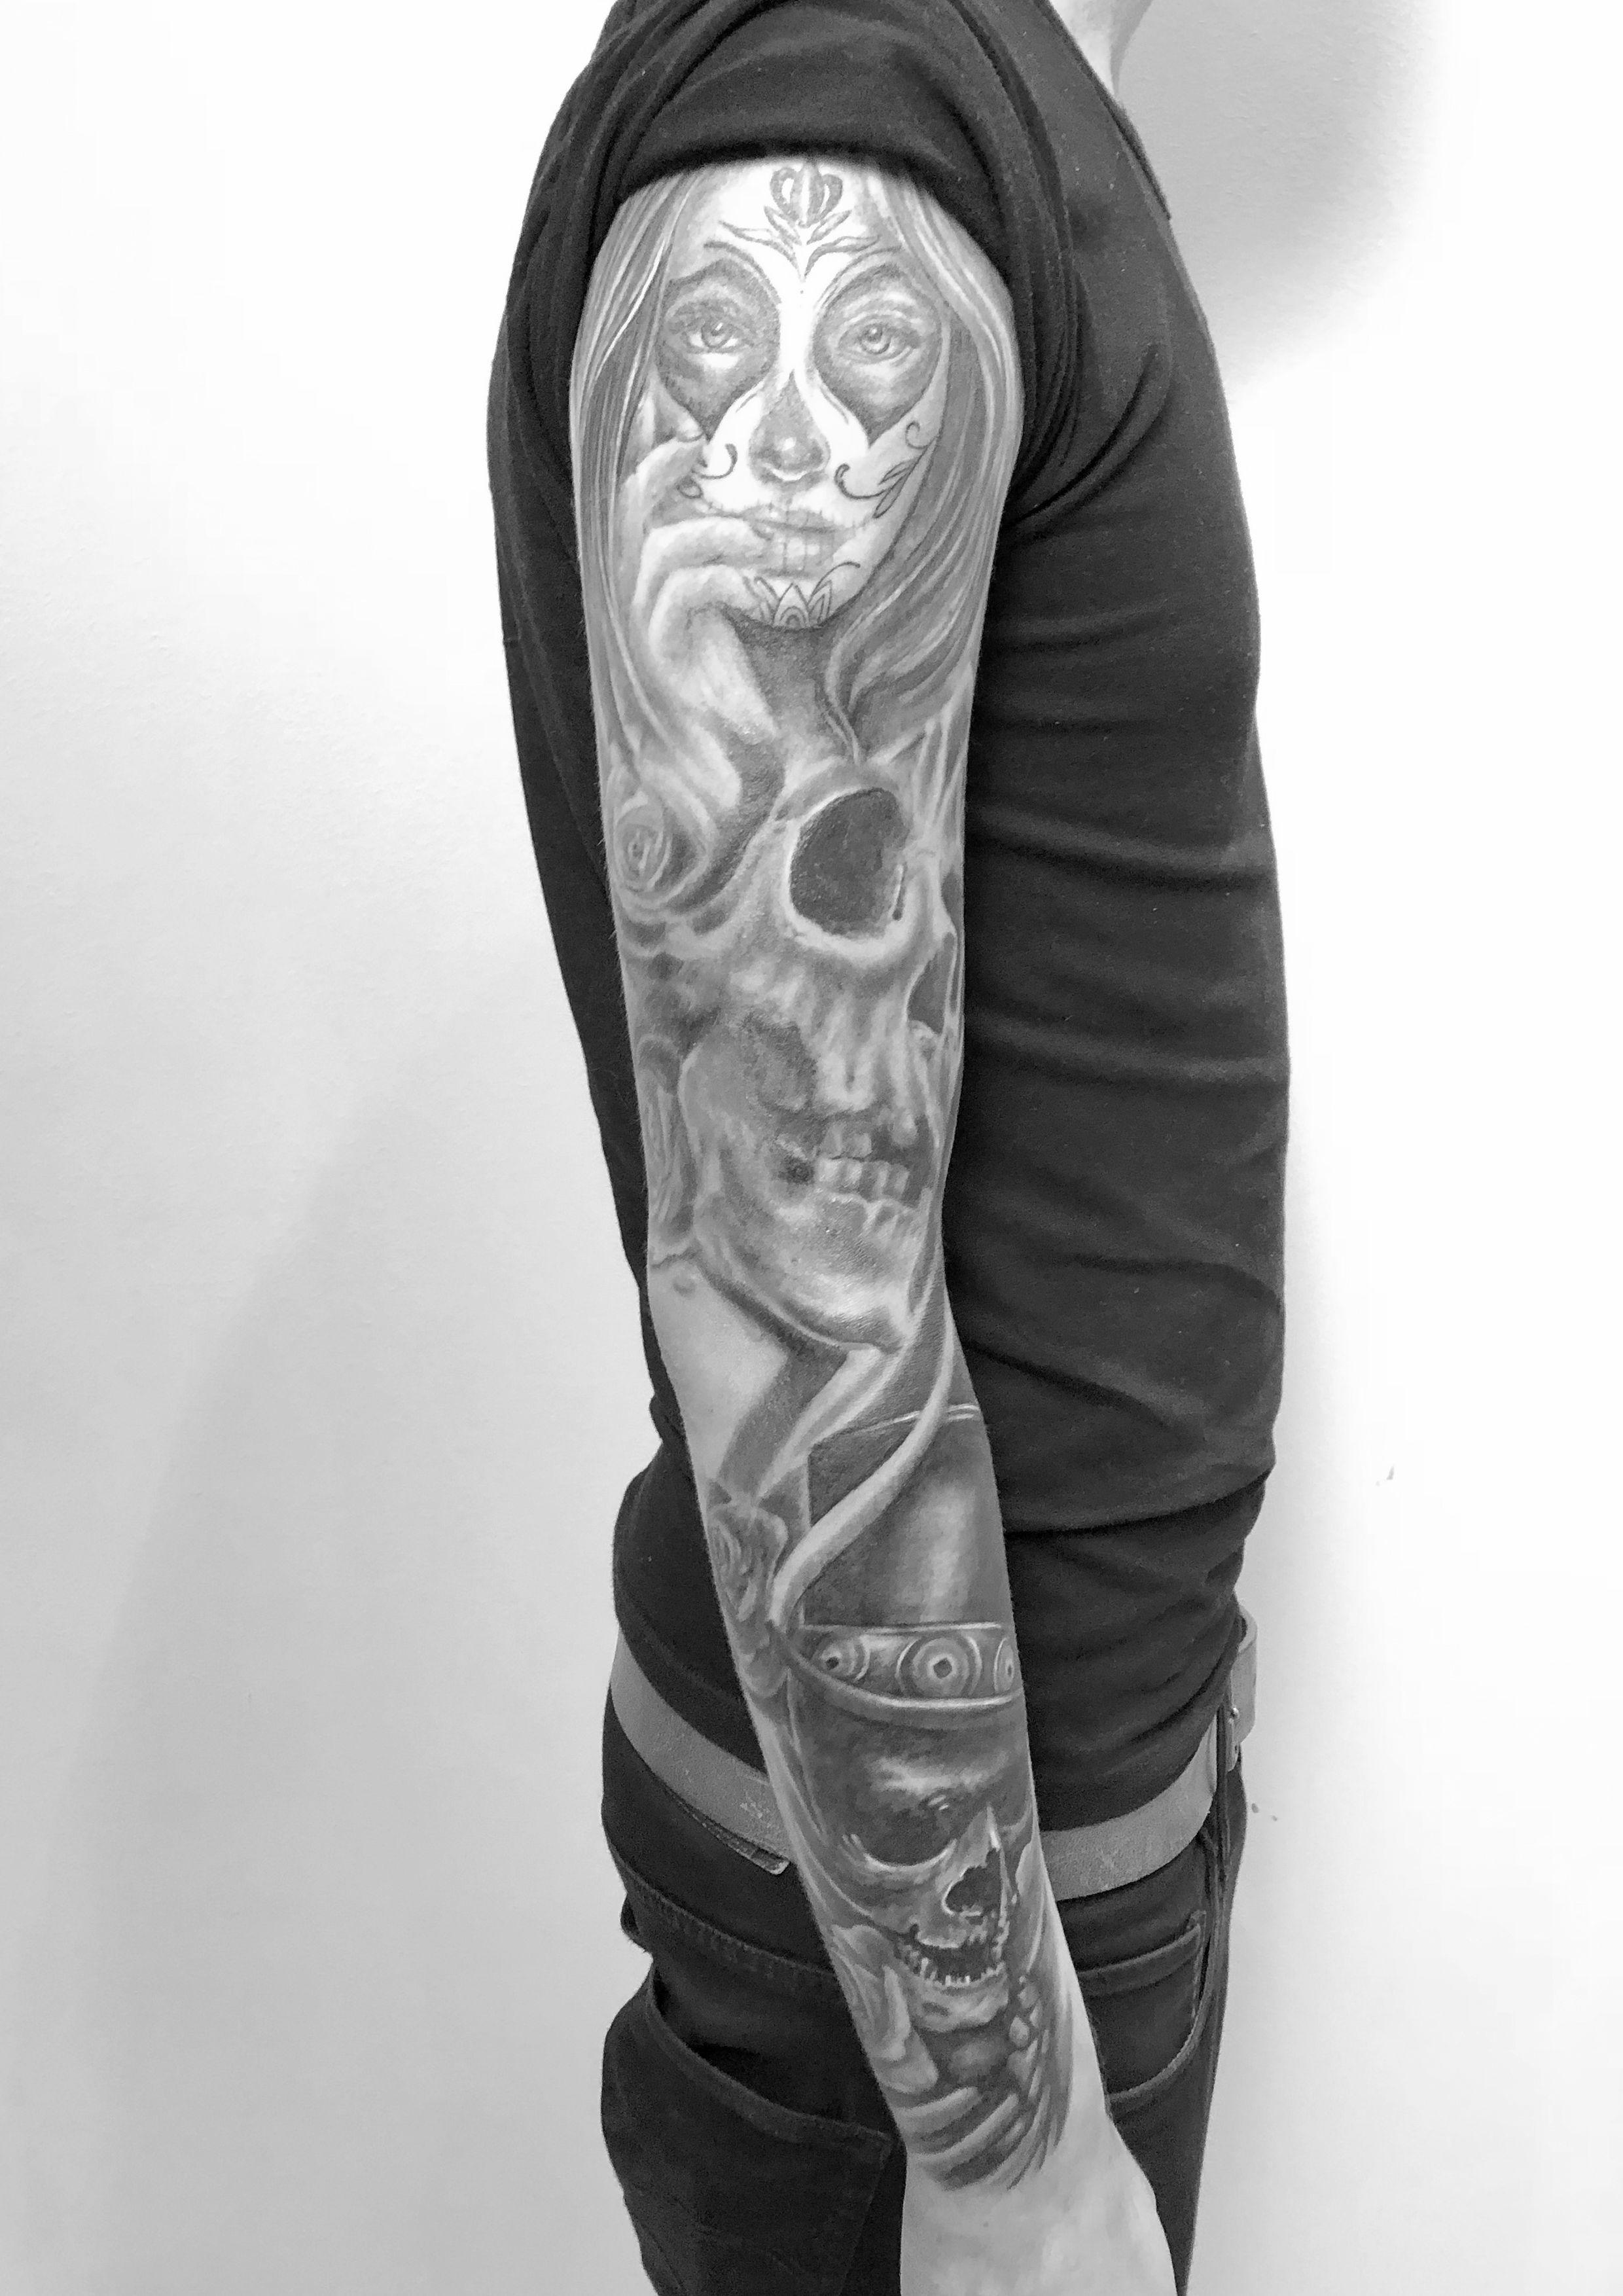 tattoo studio anansi münchen munich laszlo artist tätowierer best bester radio gong sleeve black schwarz skull dark